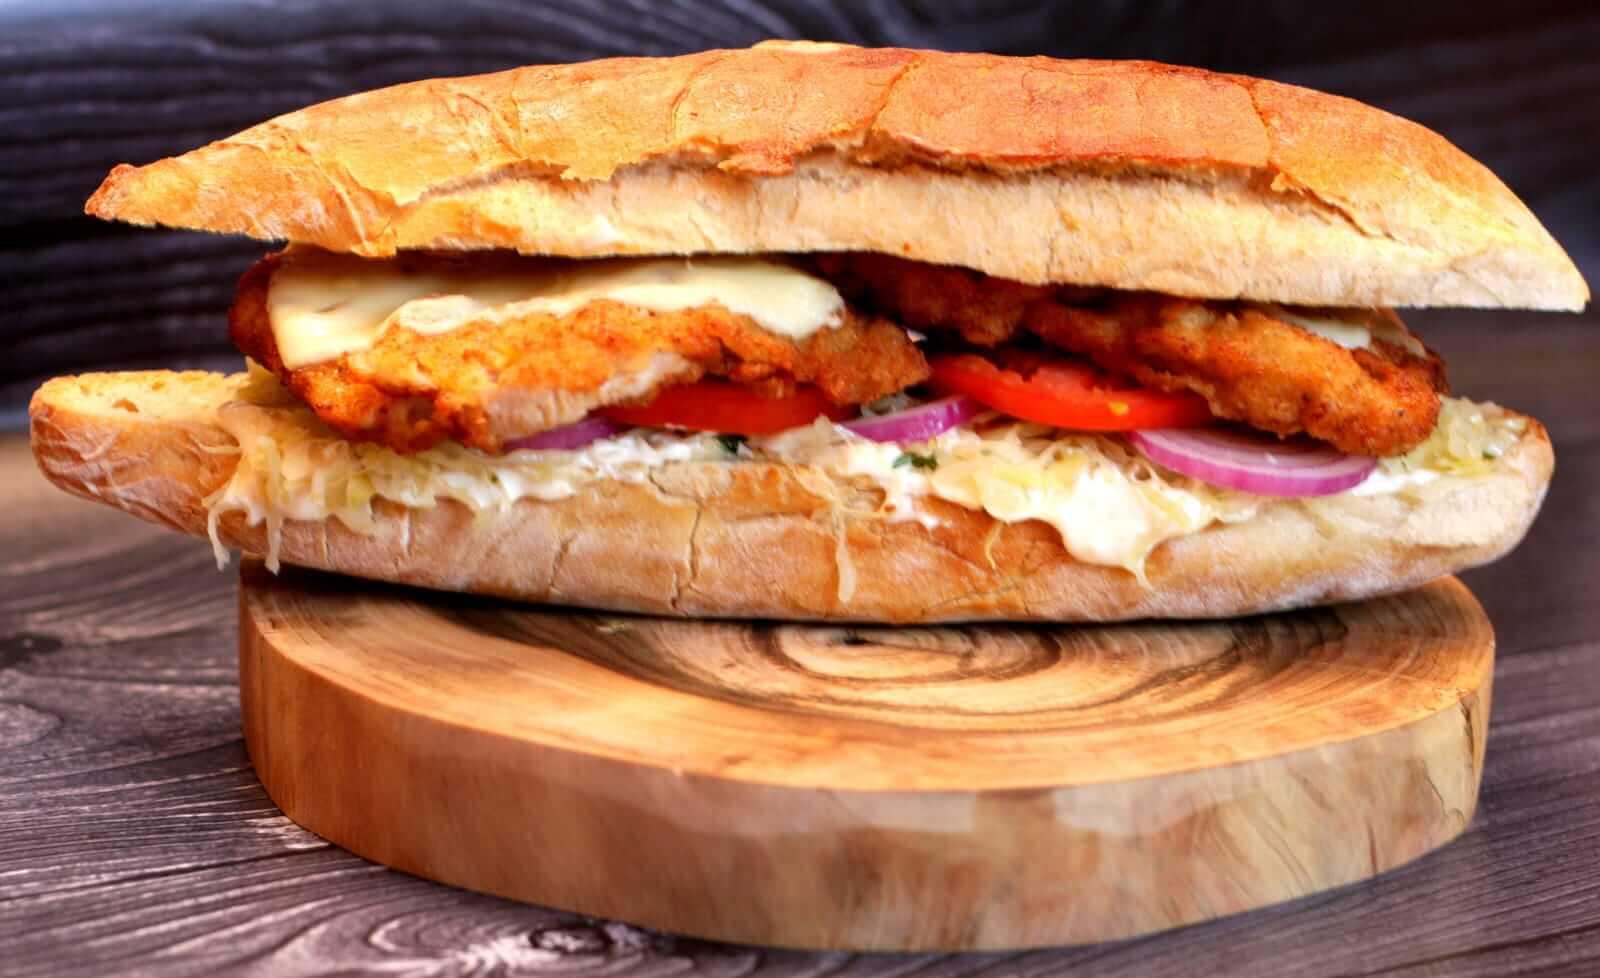 Kotleto burger - kukiełka lisiecka z chrupiącym kotletem schabowym, serem żółtym, kapustą kiszoną, cebulą, pomidorem i sosem majonezowo-chrzanowym